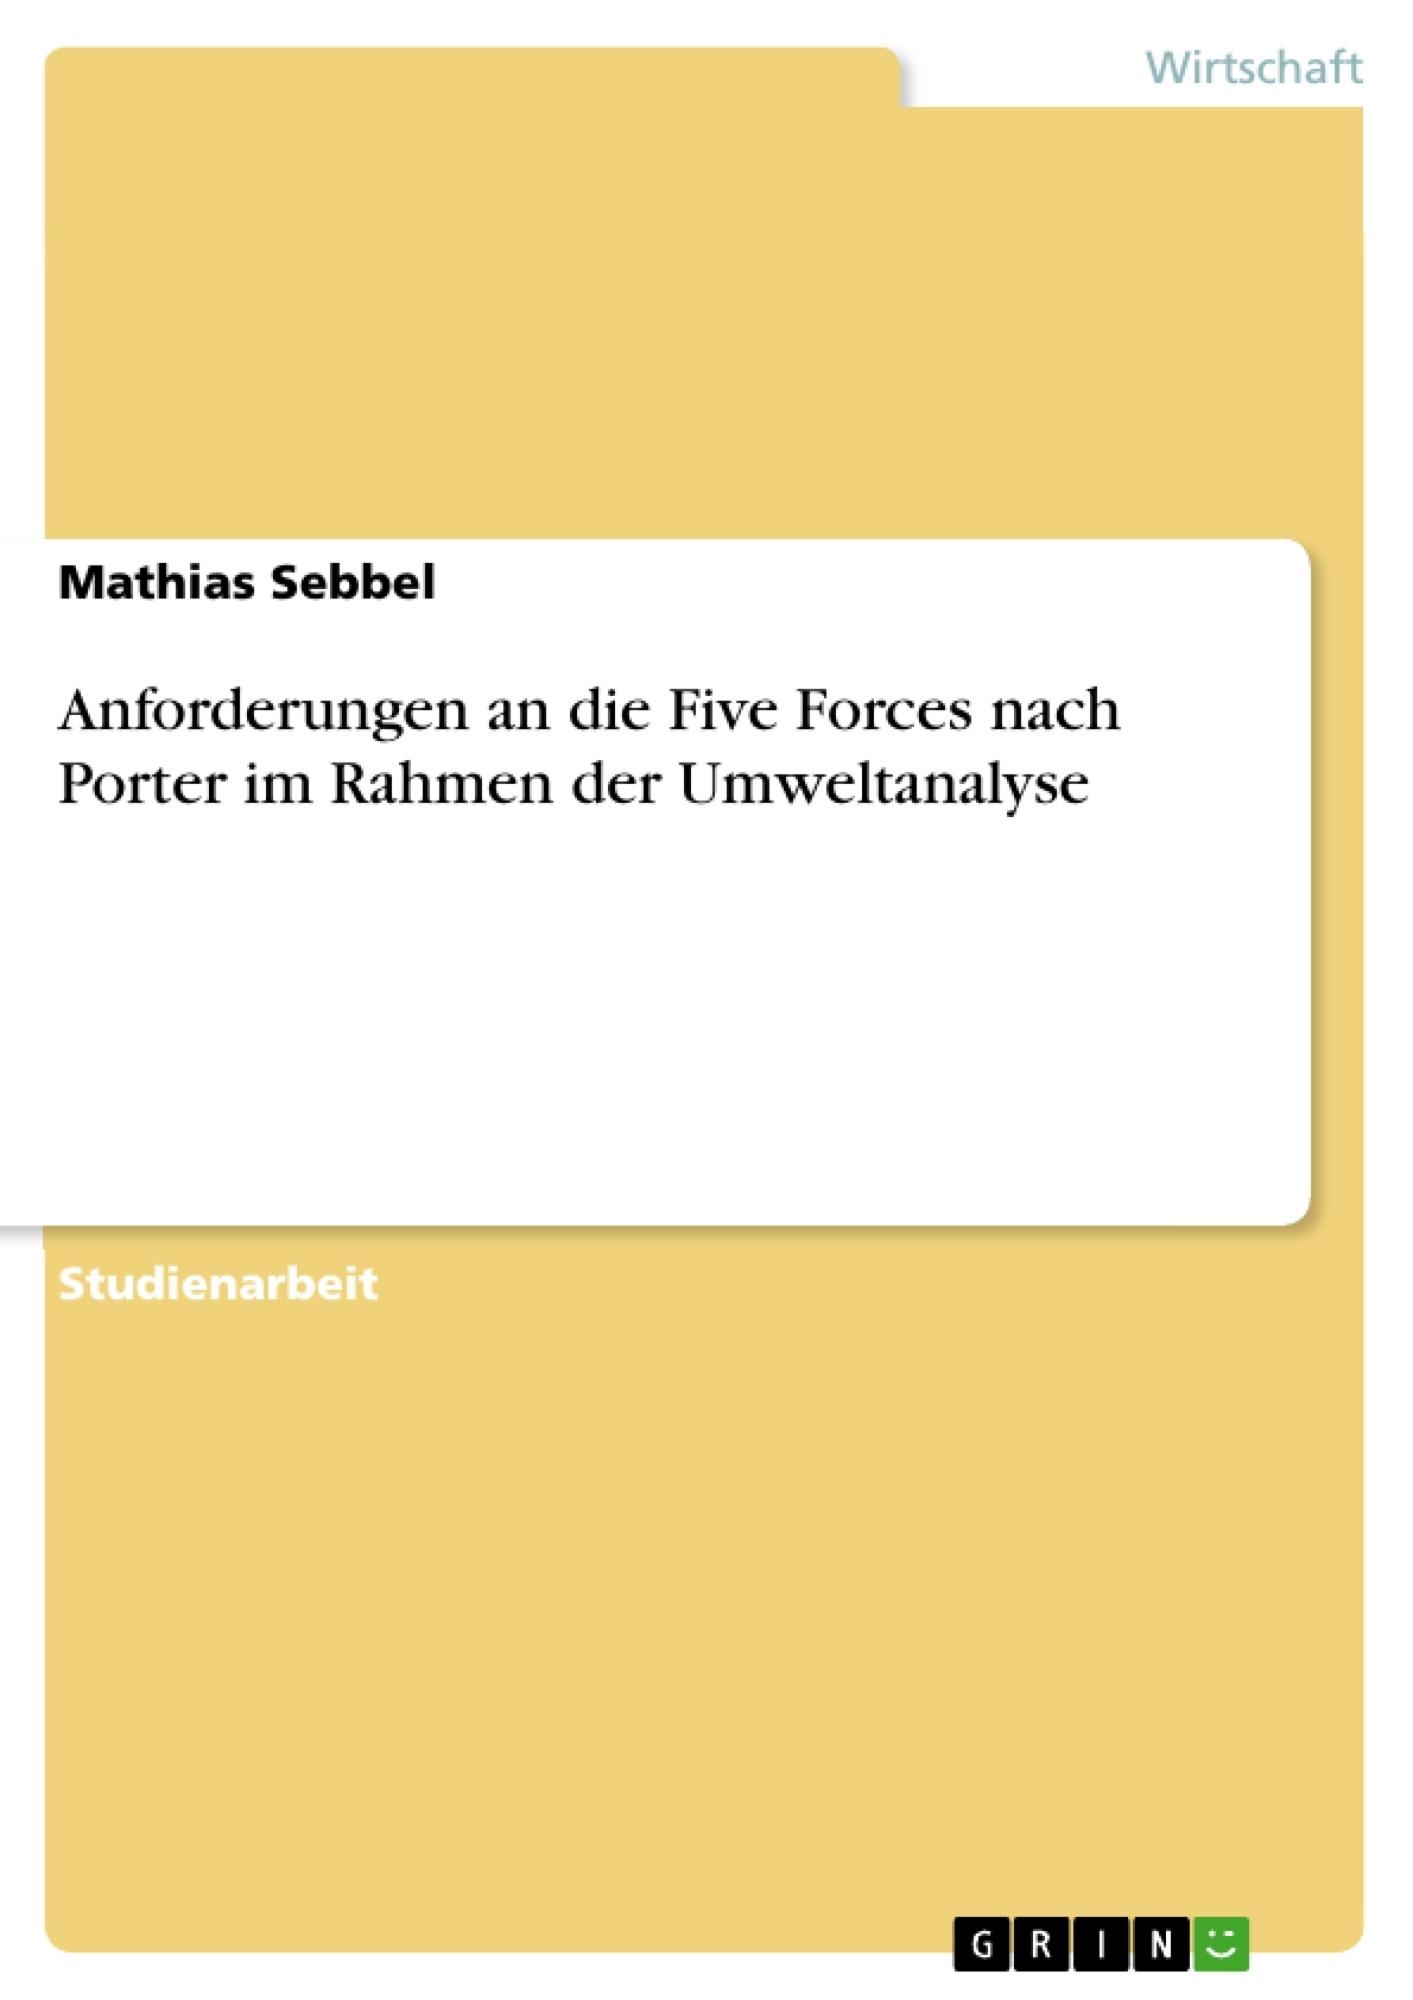 Titel: Anforderungen an die Five Forces nach Porter im Rahmen der Umweltanalyse